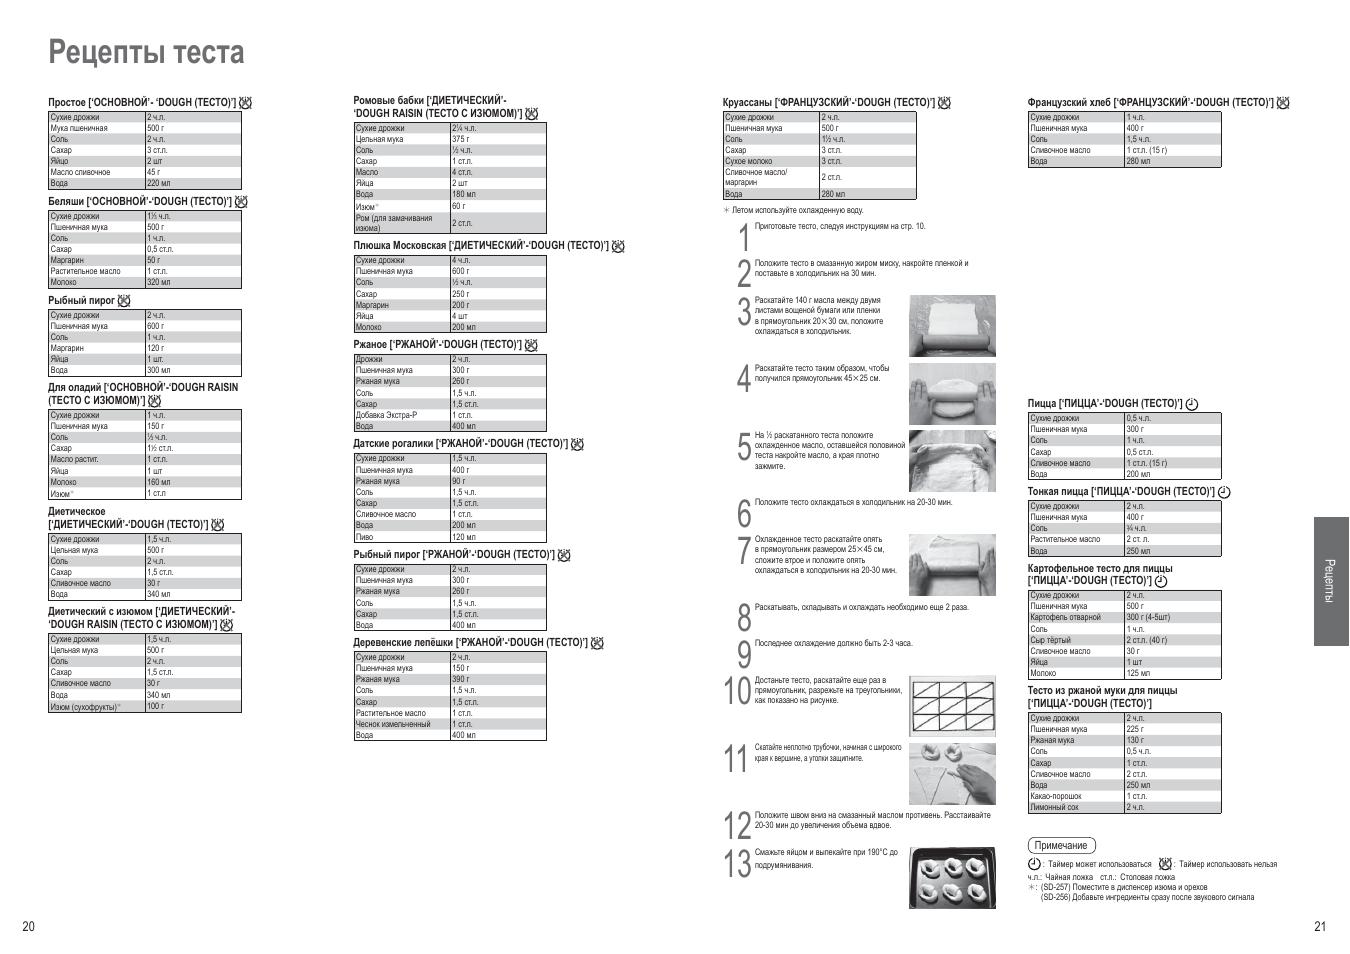 Рецепт для хлебопечки панасоник sd-257